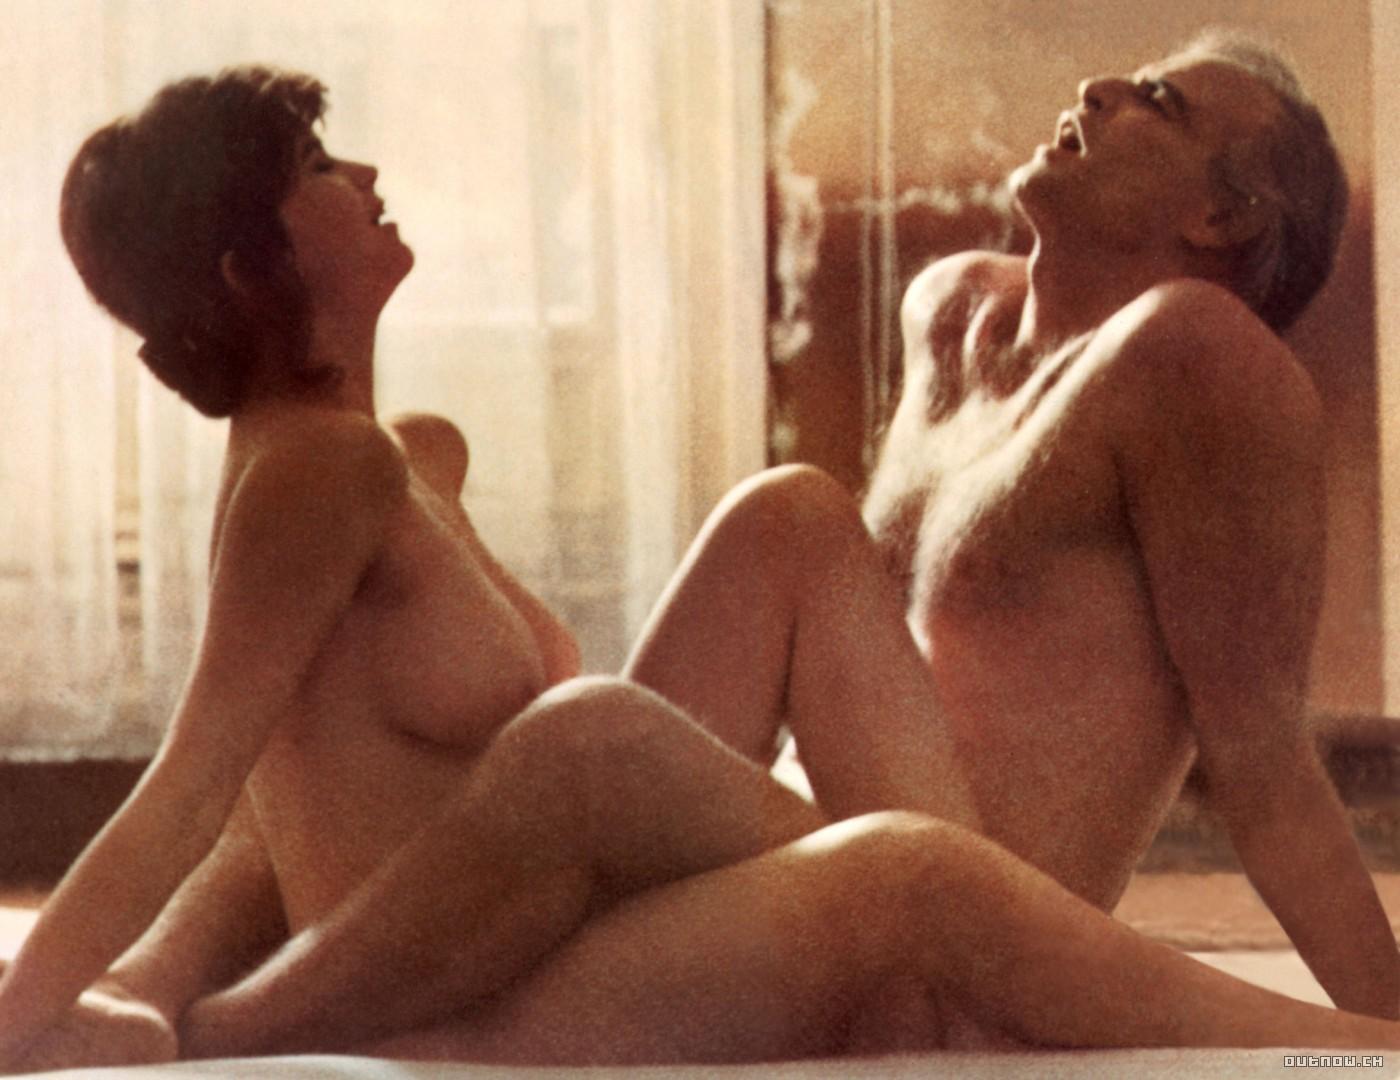 Твоей, порно сцены из эротических фильмов